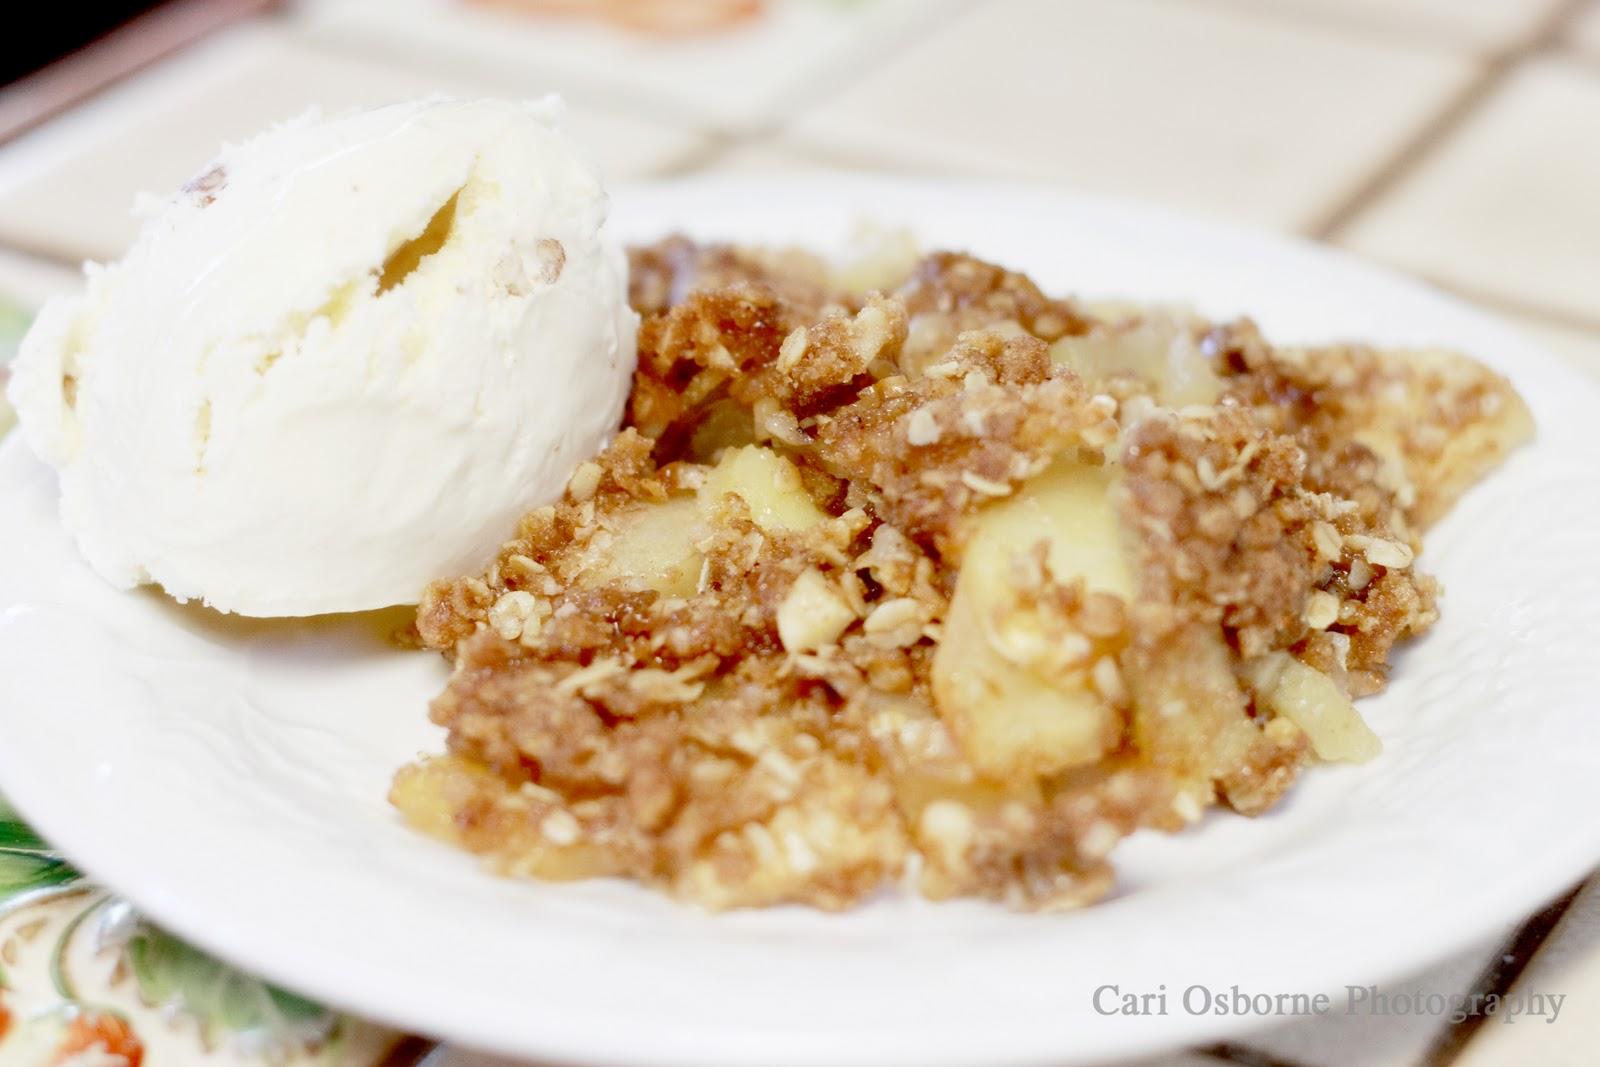 ... apple crisp cream apple crisp vanilla apple crisp with caramel sauce